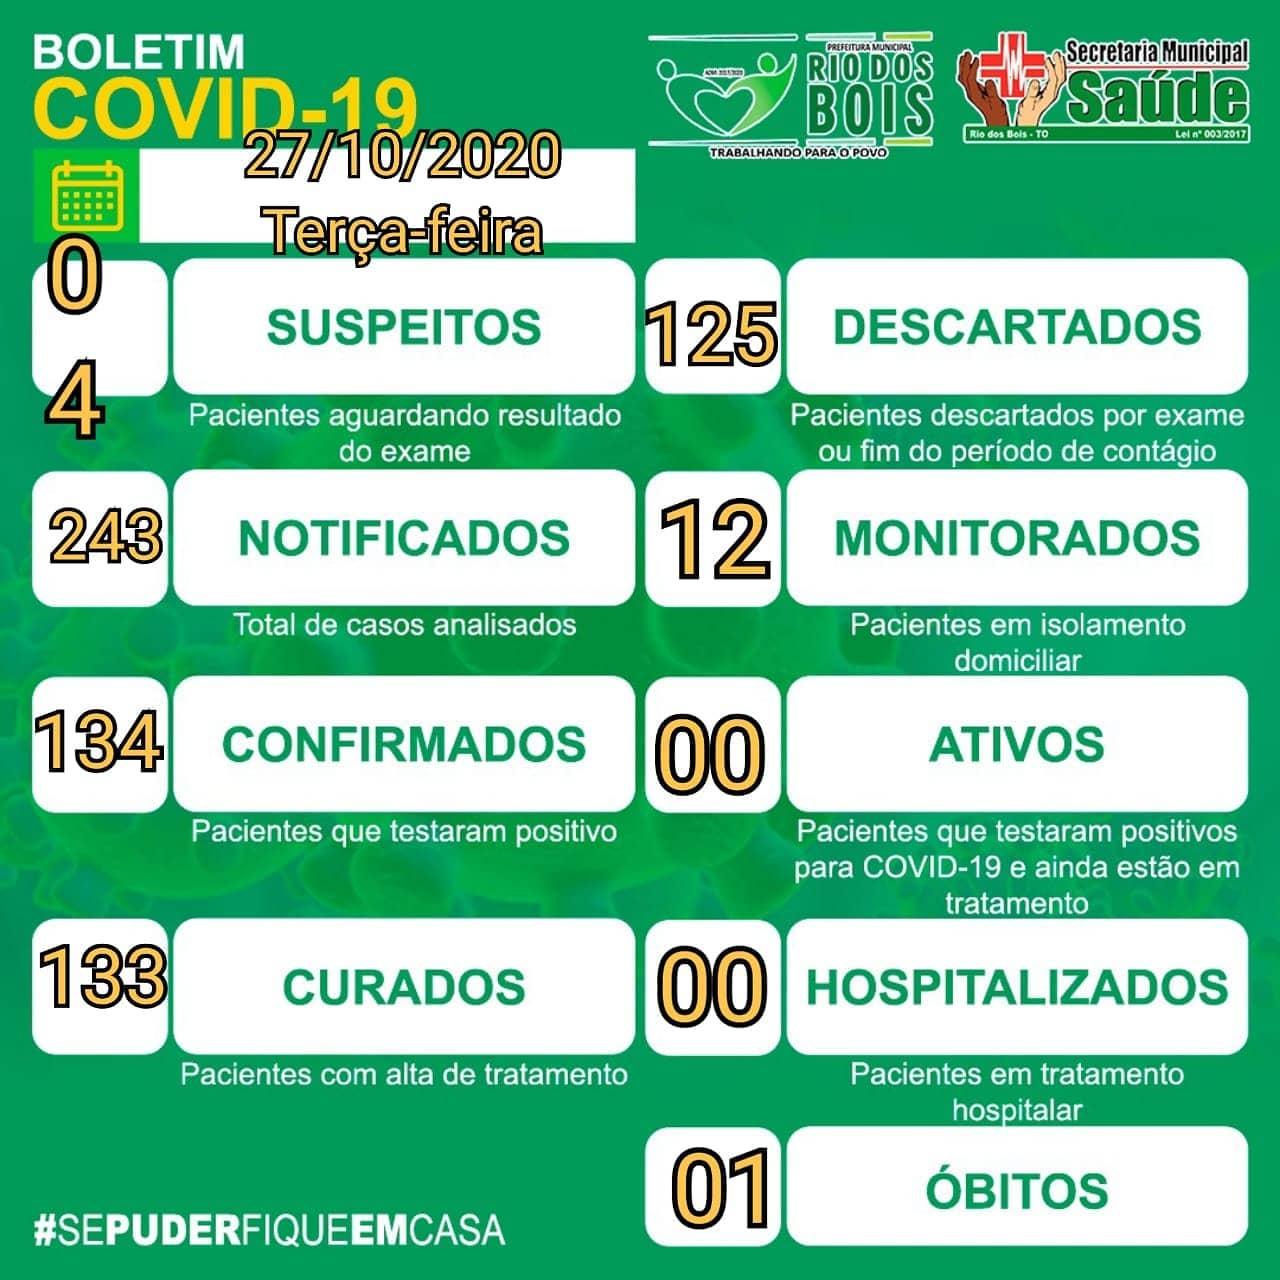 Rio dos Bois se mantém sem casos ativos de infecção por coronavírus